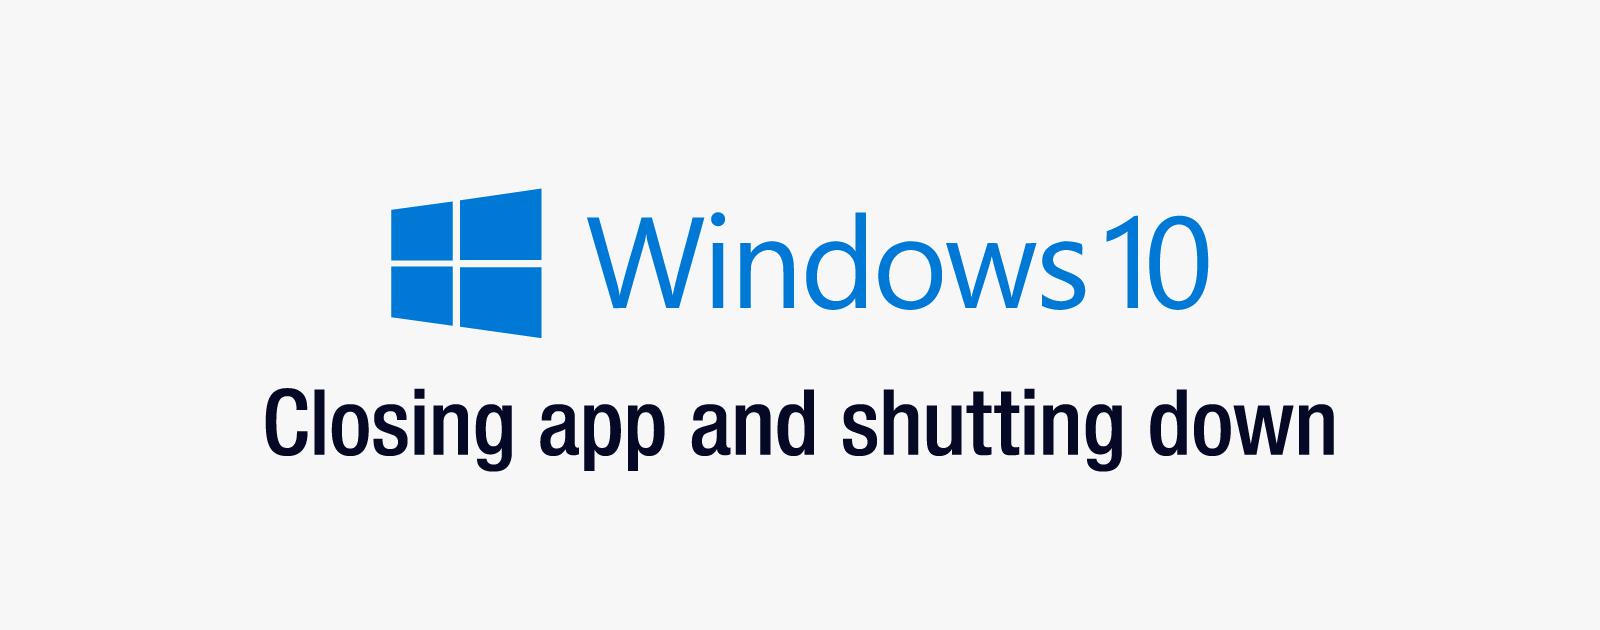 「このアプリがシャットダウンを妨げています」と表示されるがアプリがわからない場合の対処法